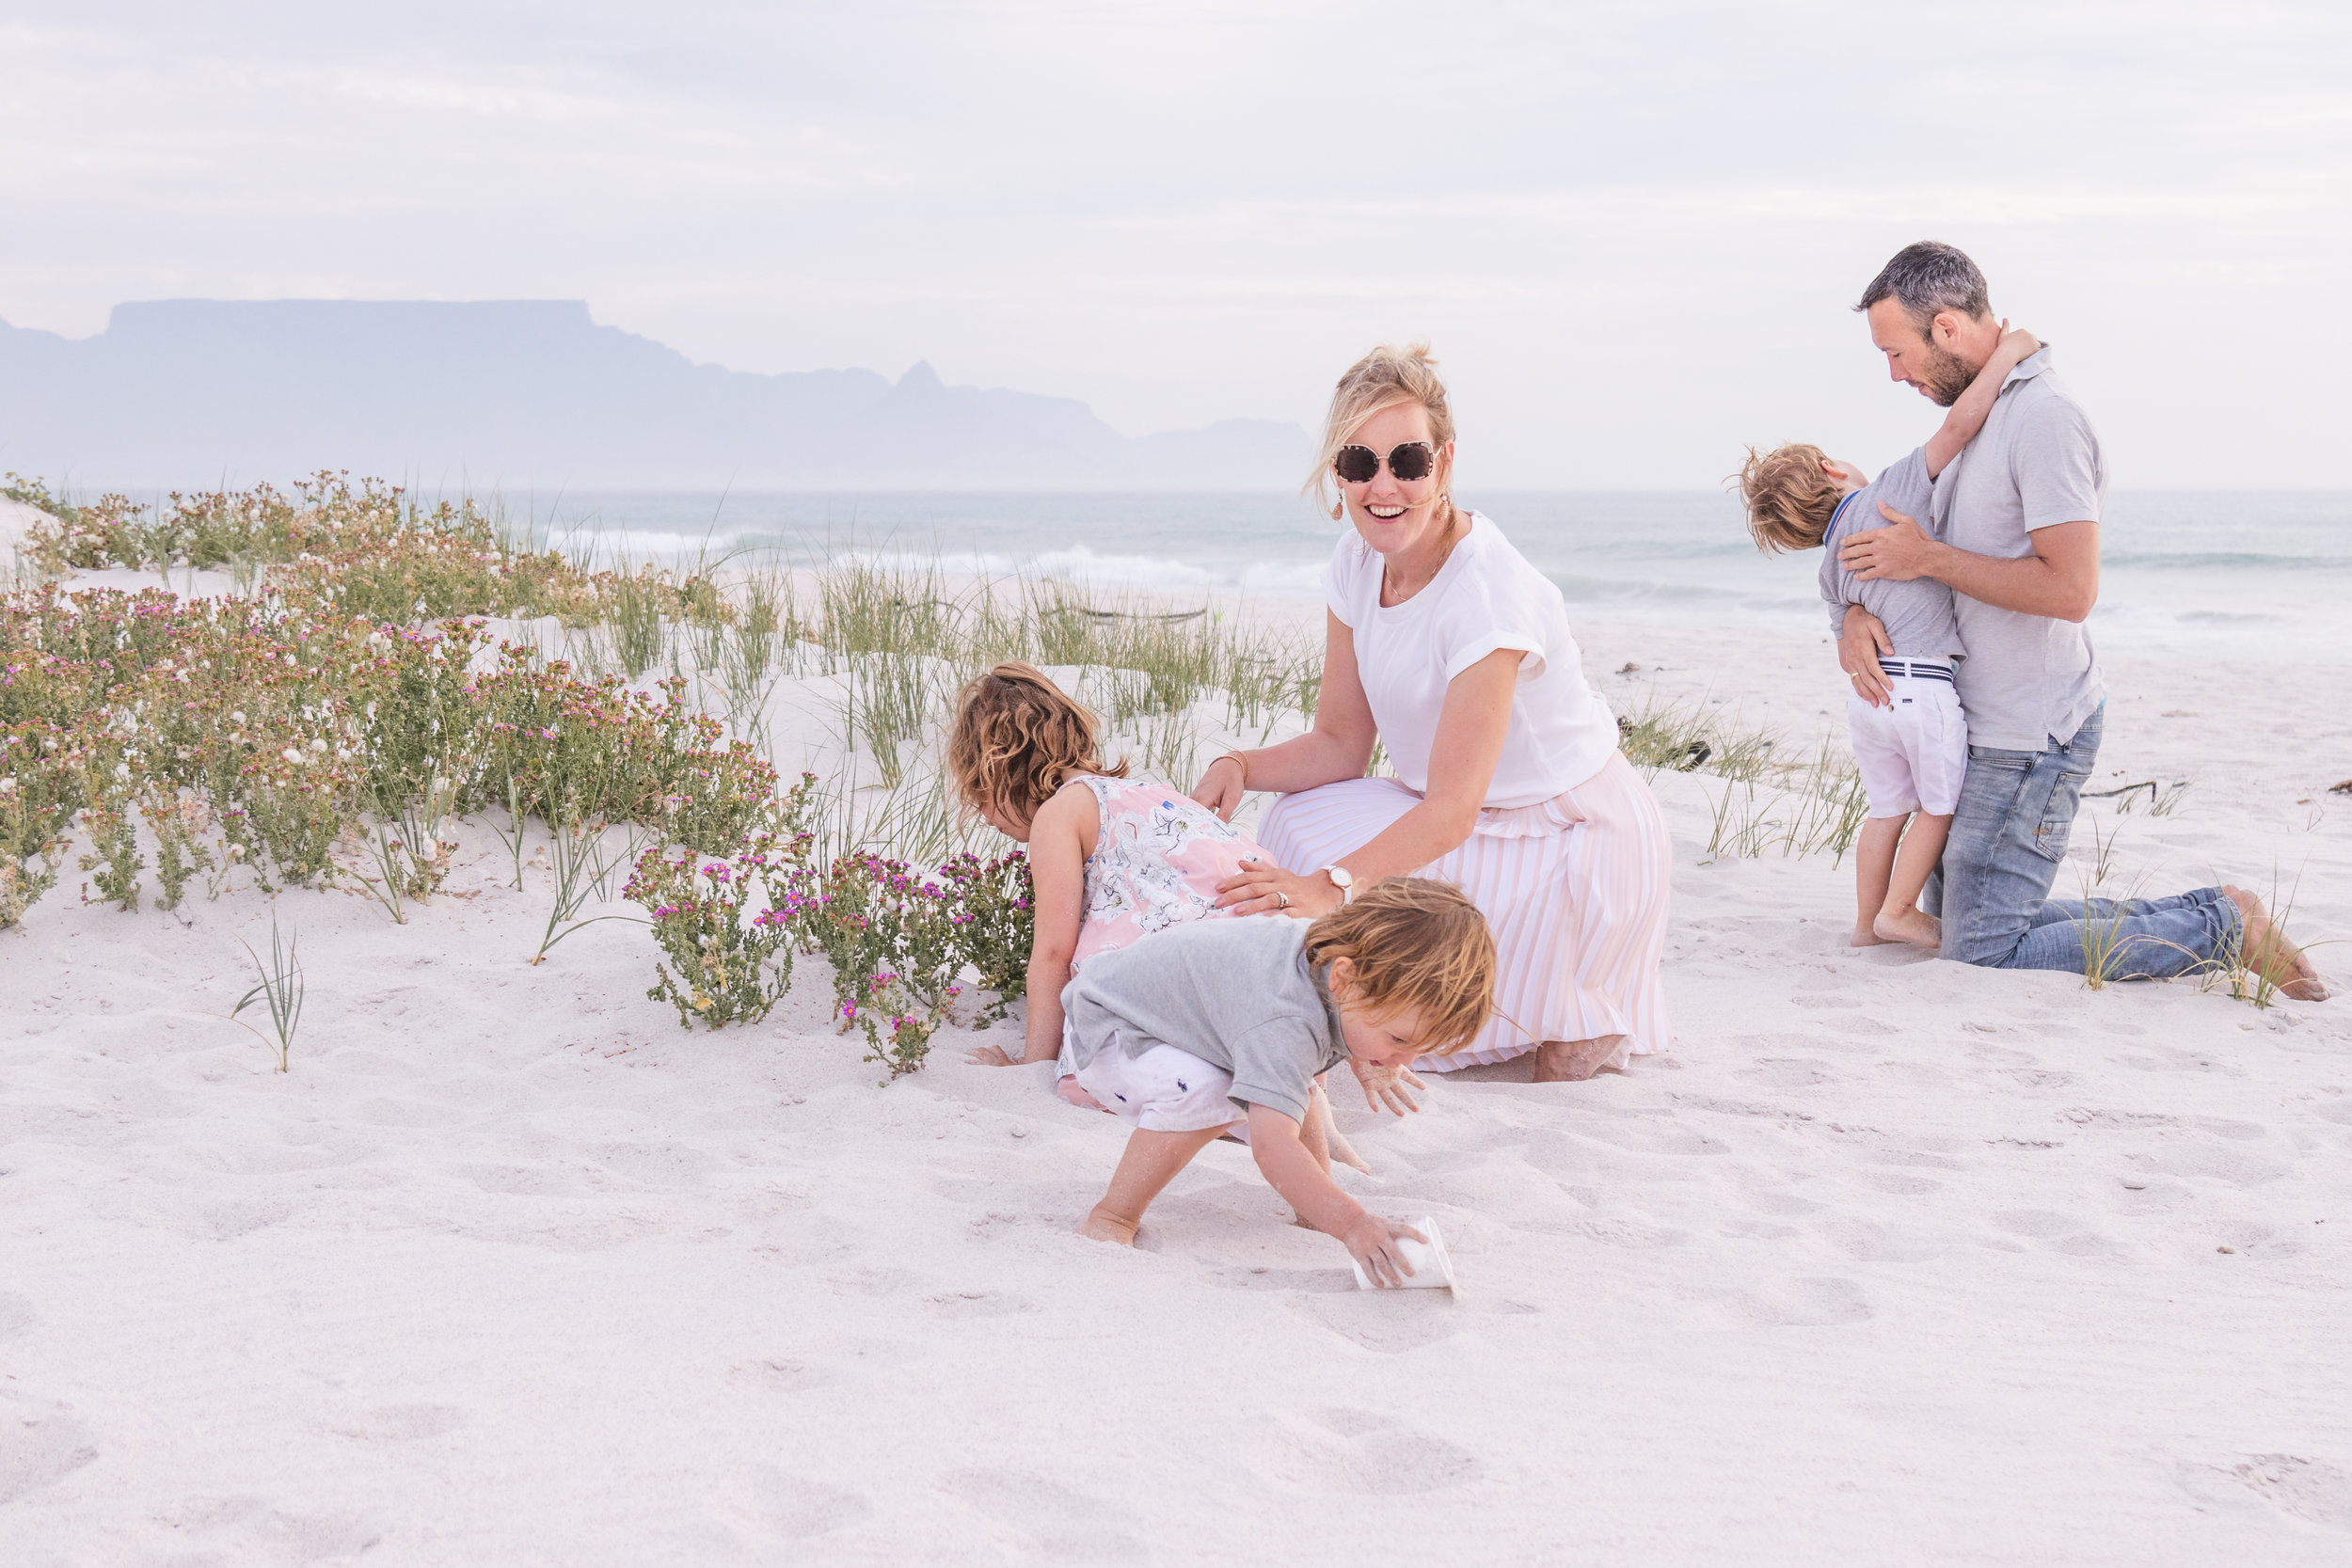 Ken Treloar Photography - Monteban Family Photos - Cape Town 2018 (high-res)-28.jpg